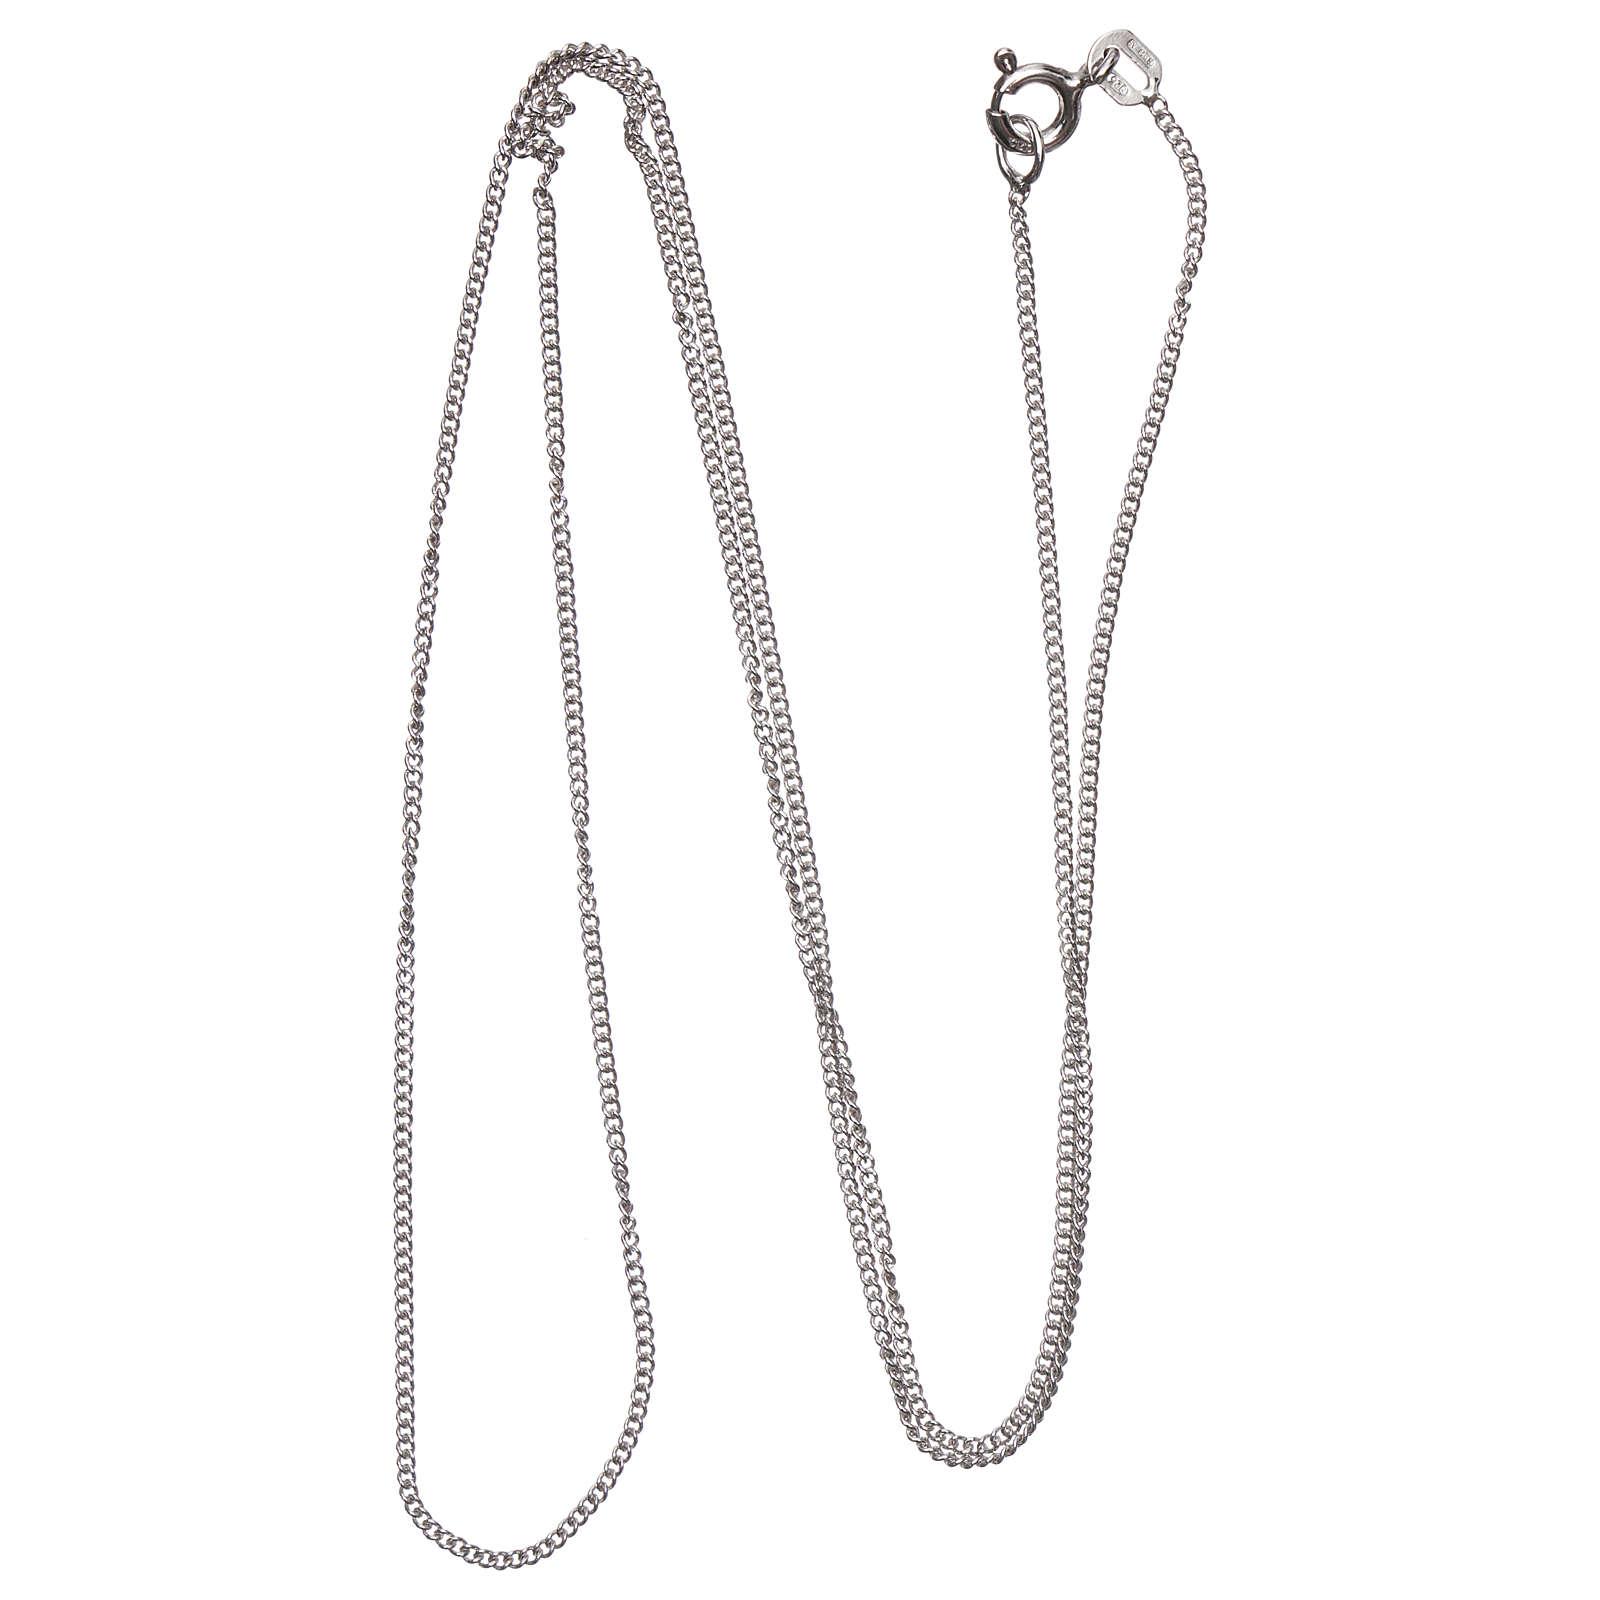 Collar Groumette Plata 925 rodiada 50 cm largo 4